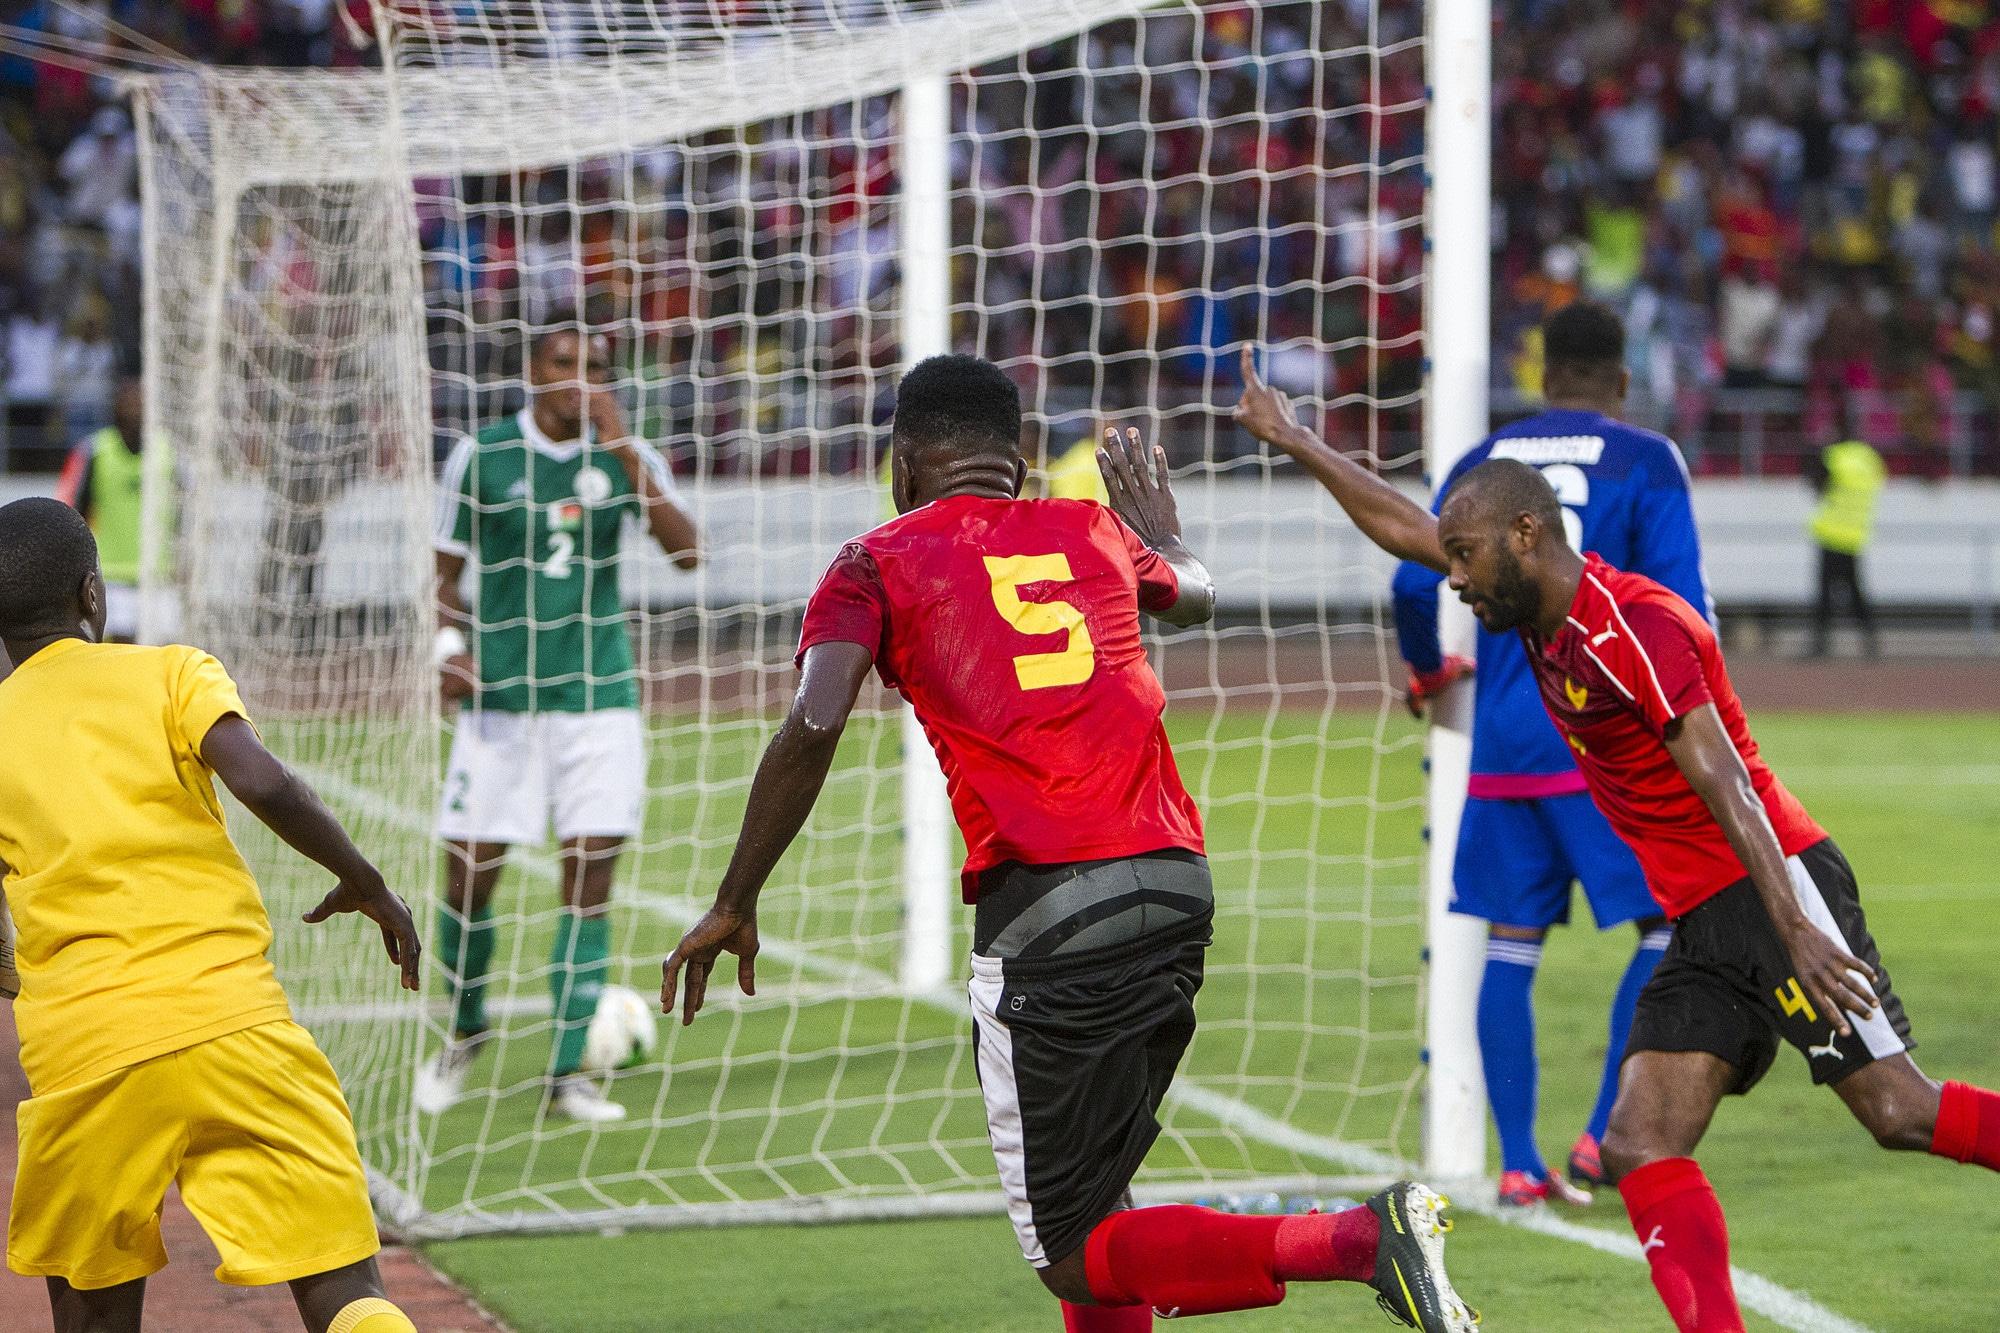 - Selecc  a  o Angola - Angola desiste da Taça Cosafa